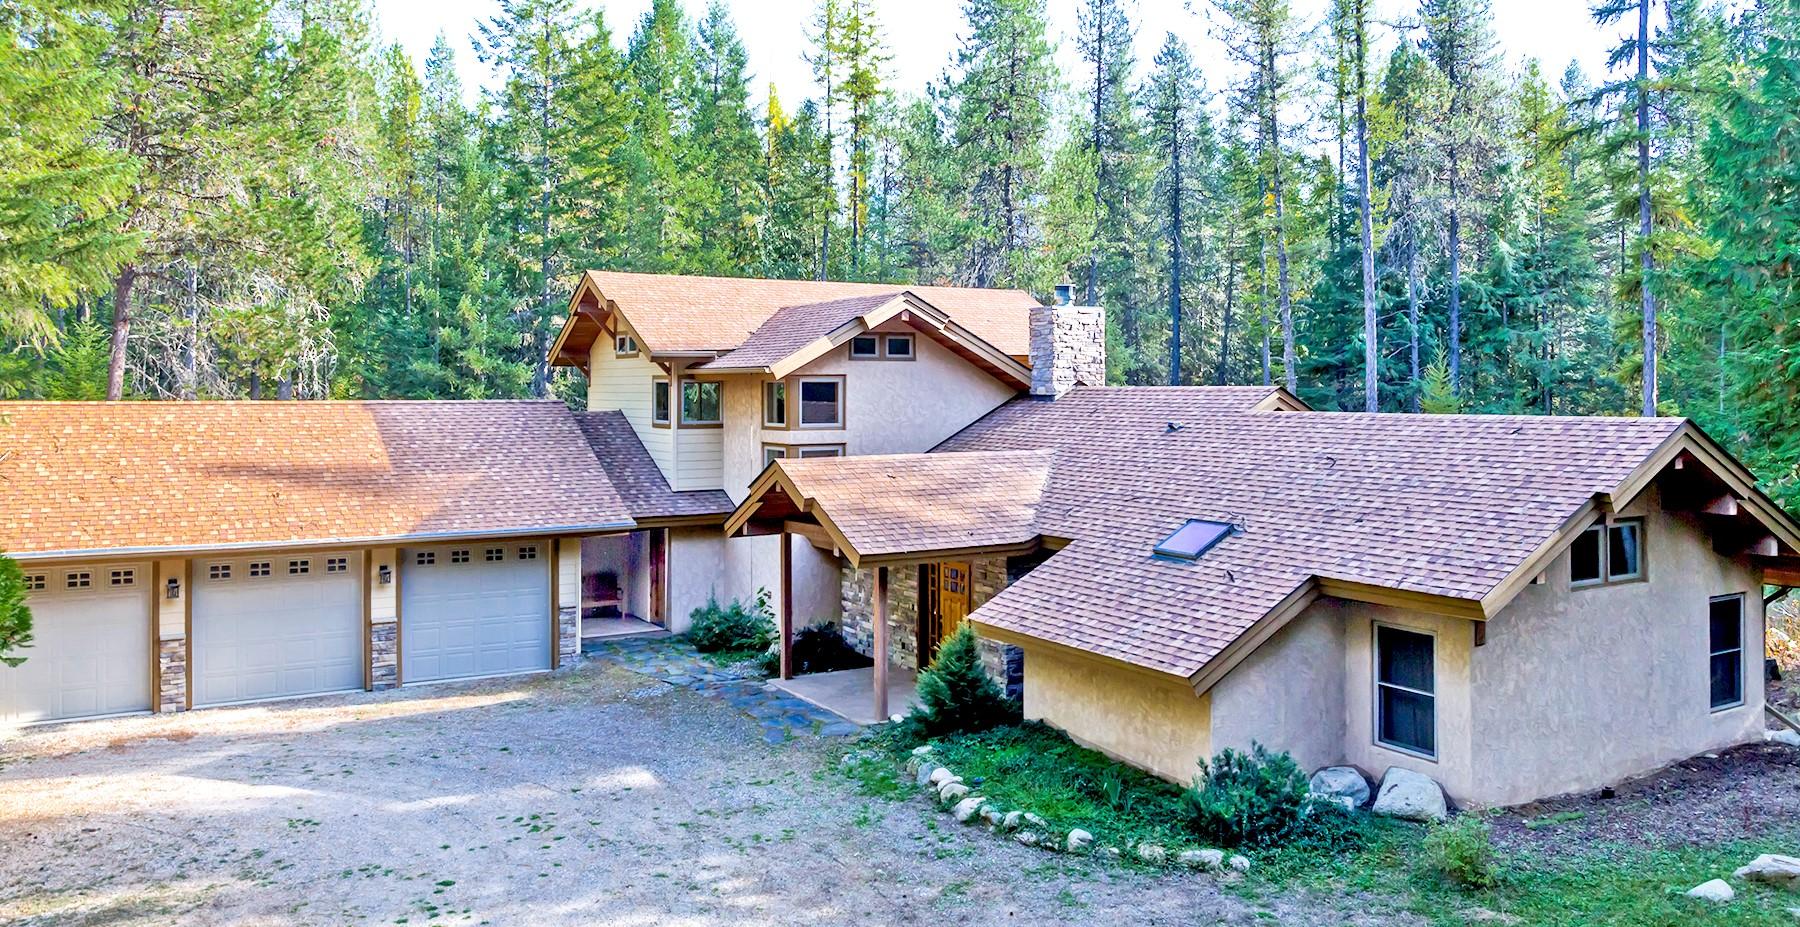 Maison unifamiliale pour l Vente à Beautiful crafted home on 5 acres 130 Wapiti Sandpoint, Idaho 83864 États-Unis